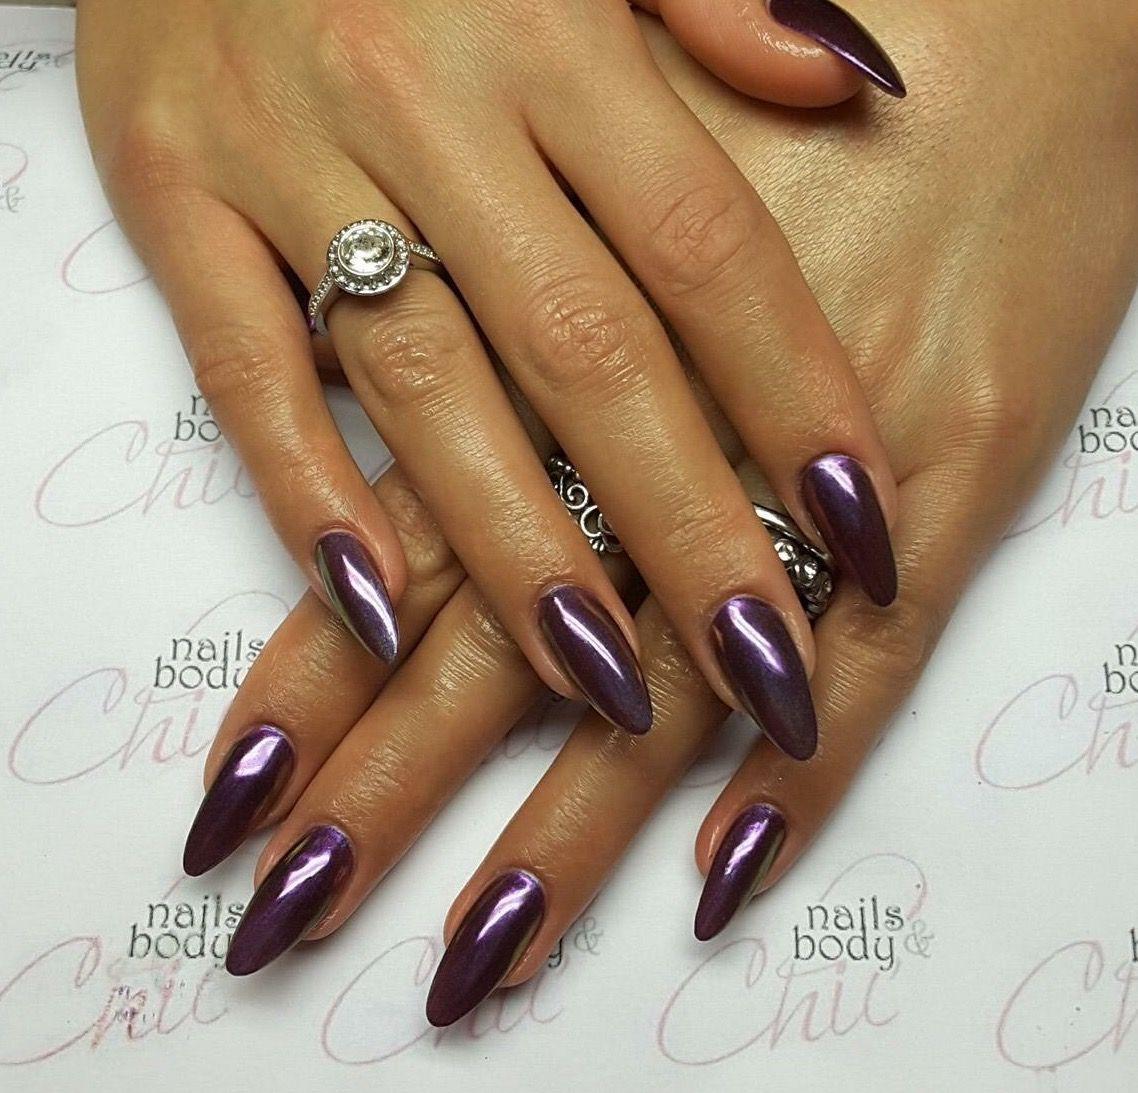 Unghie viola effetto specchio nails pinterest nails - Unghie gel specchio ...